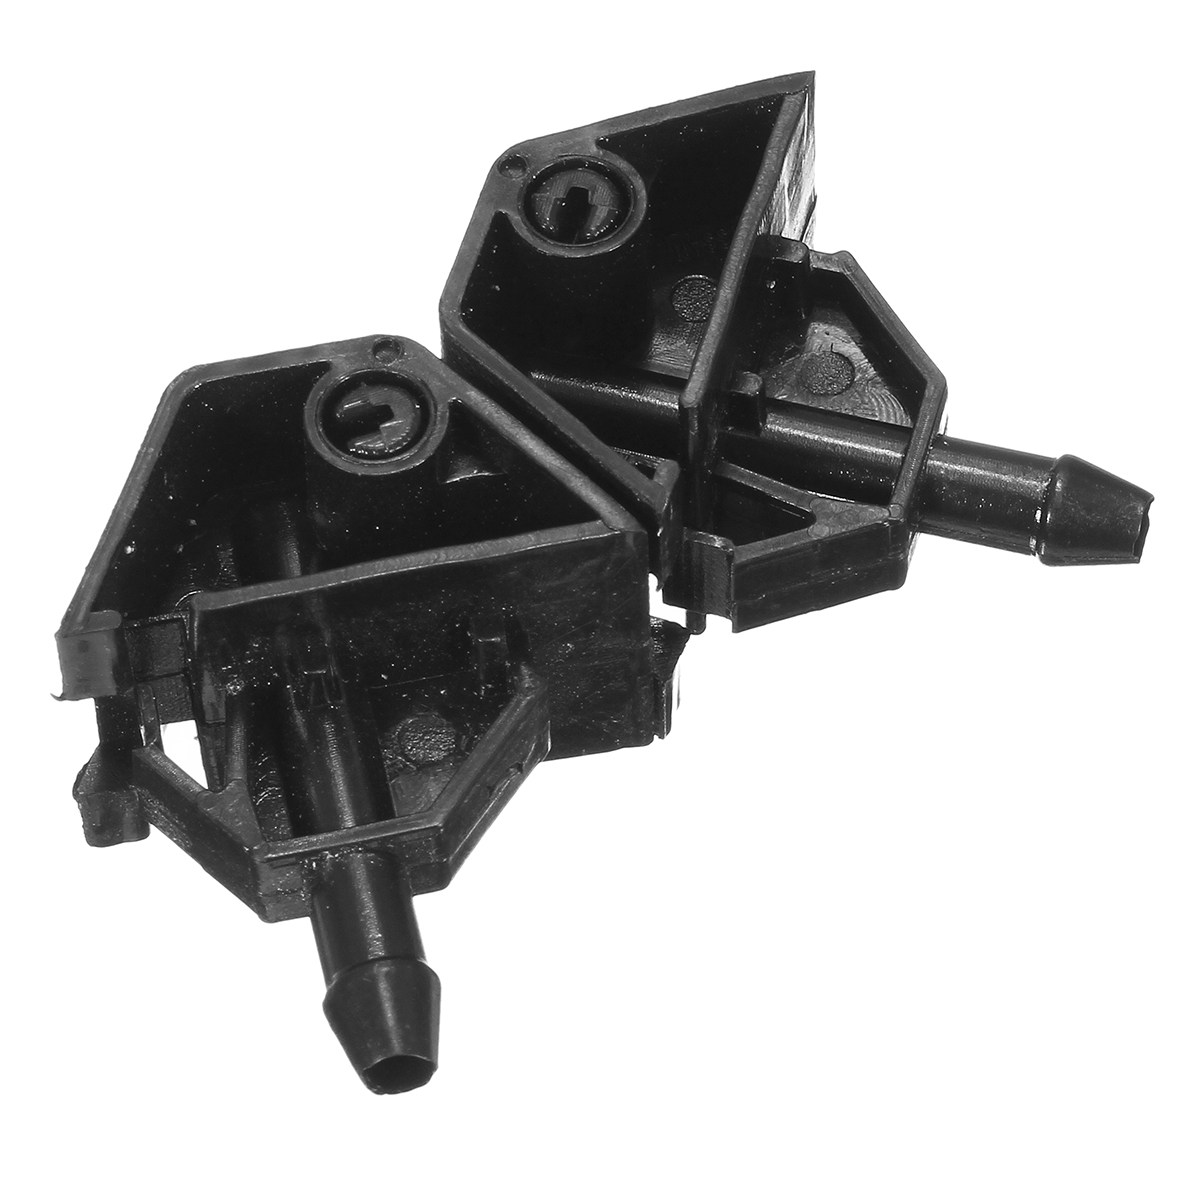 accessori per auto Rondella per parabrezza Ugello per spruzzo dacqua 2KD 955 986 Qii lu Rondella per parabrezza